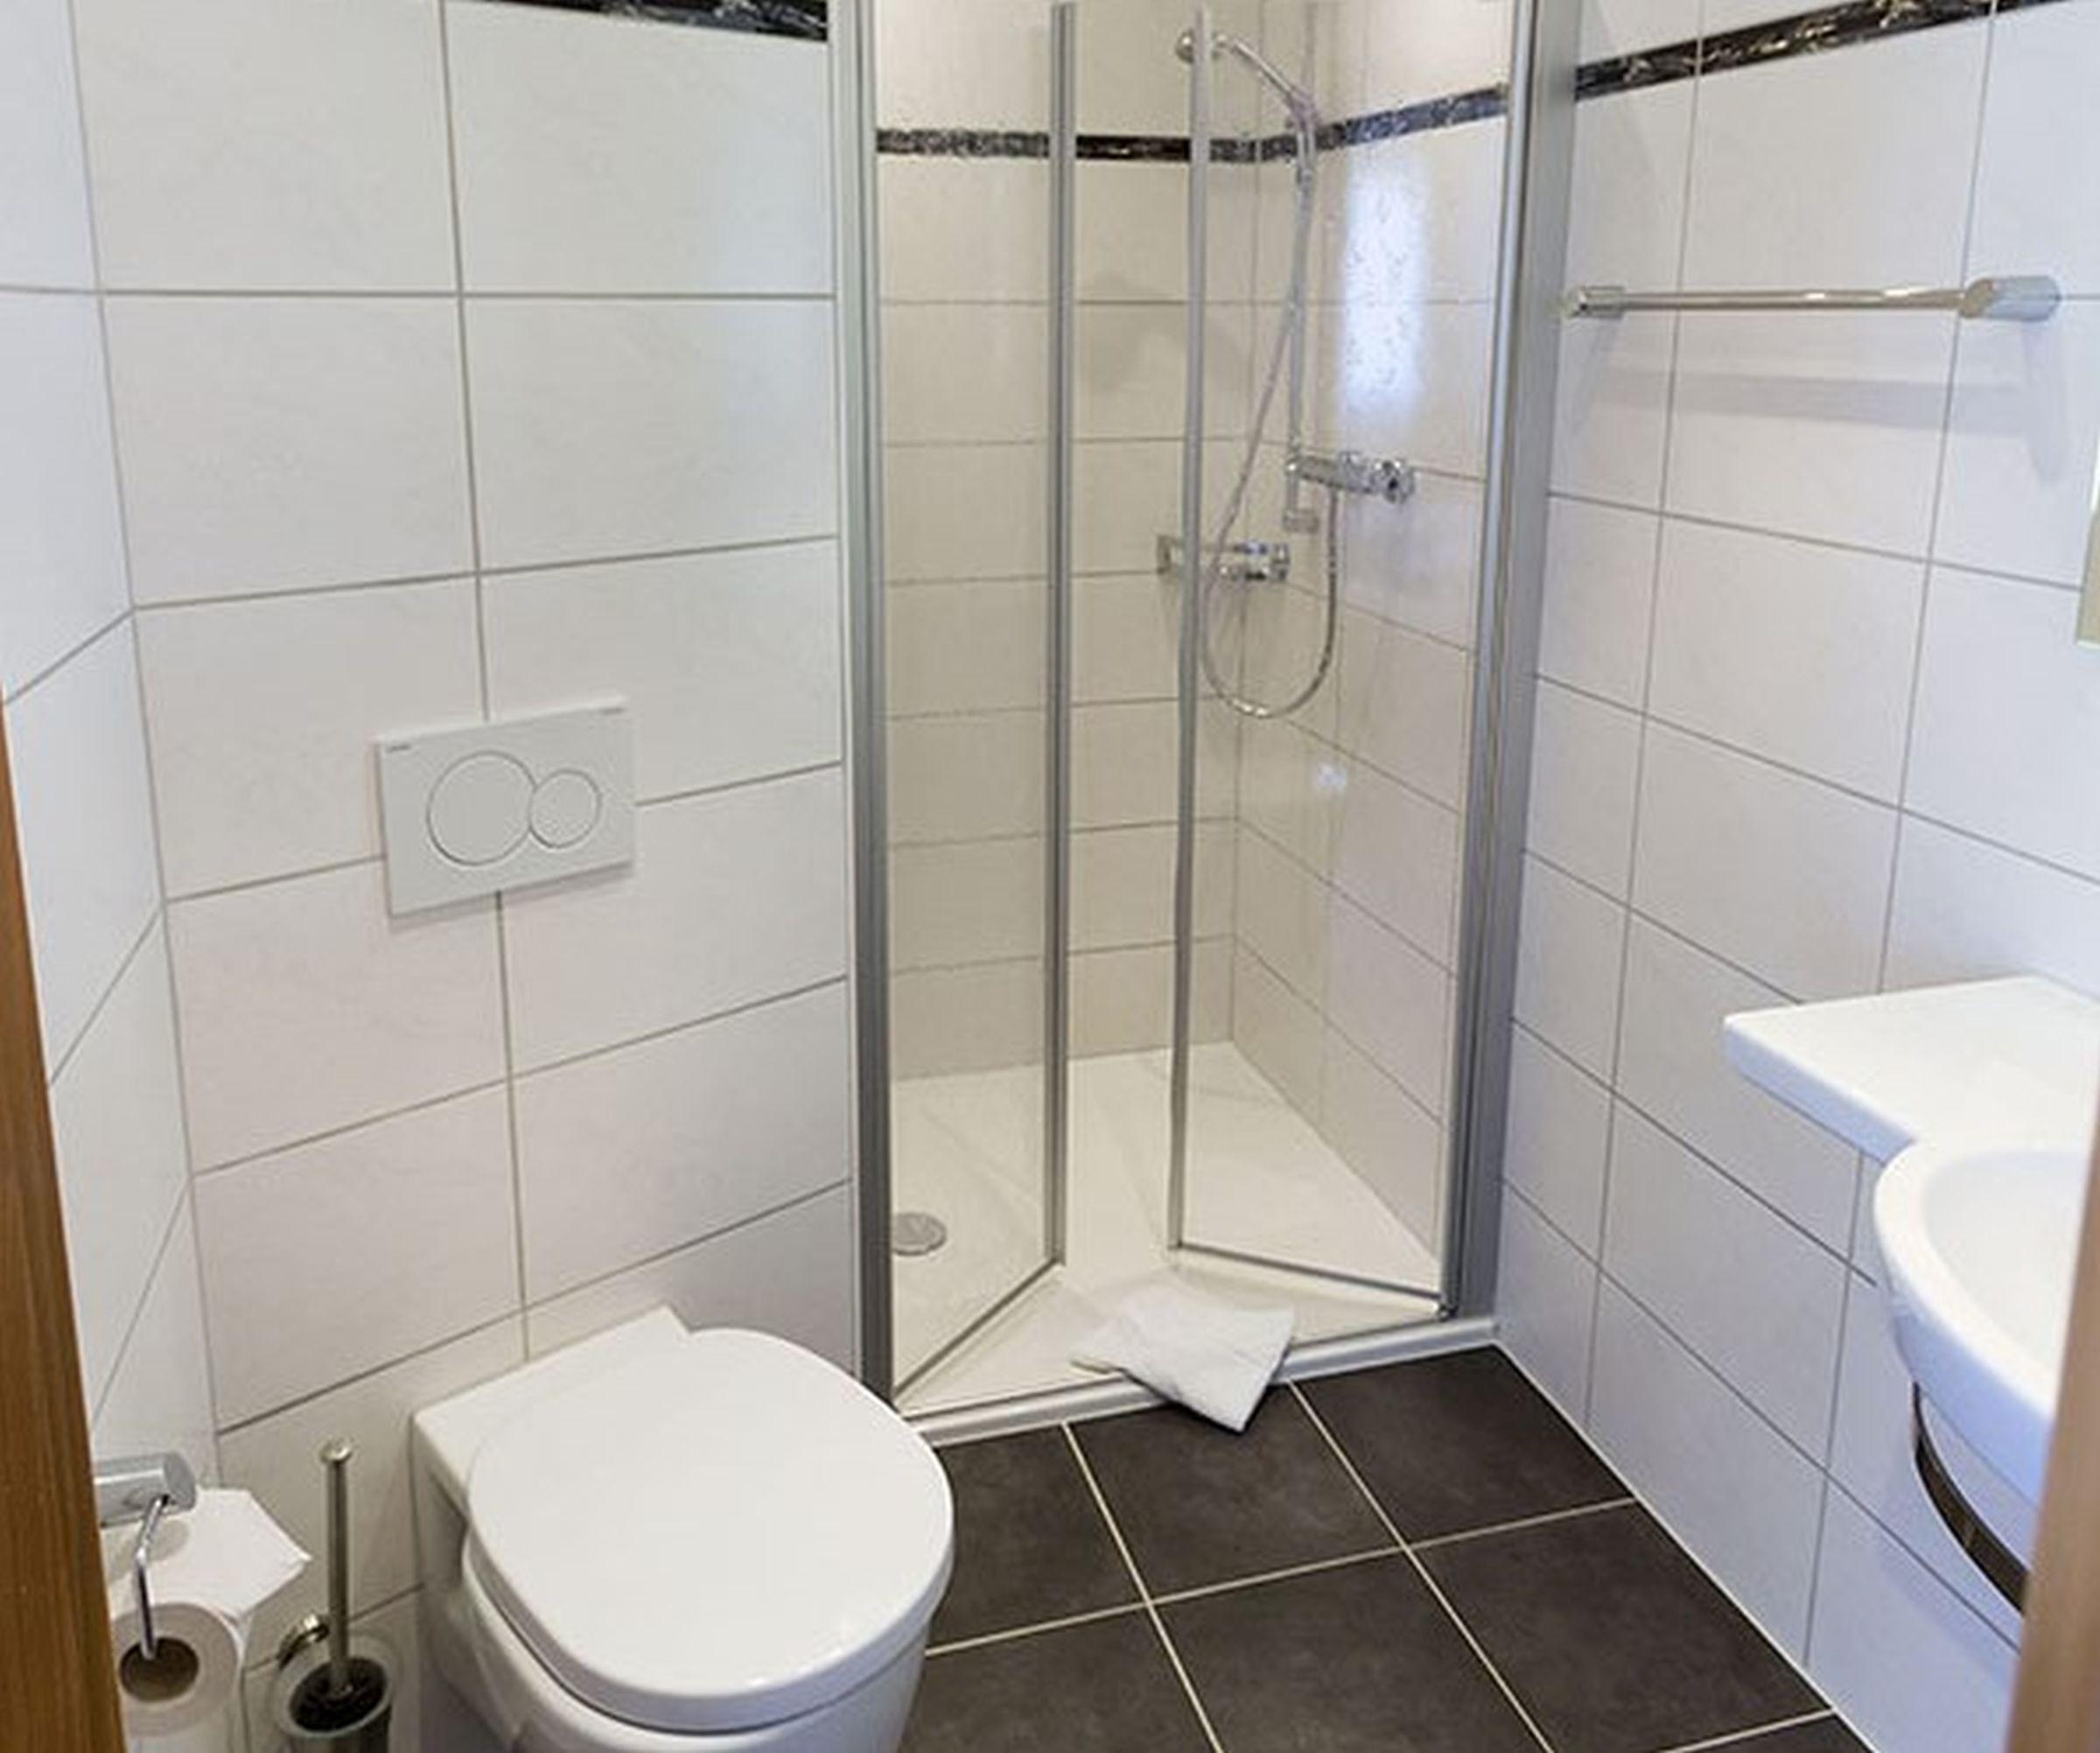 Gasthaus zum rebstock in kressbronn for Badezimmer 20qm